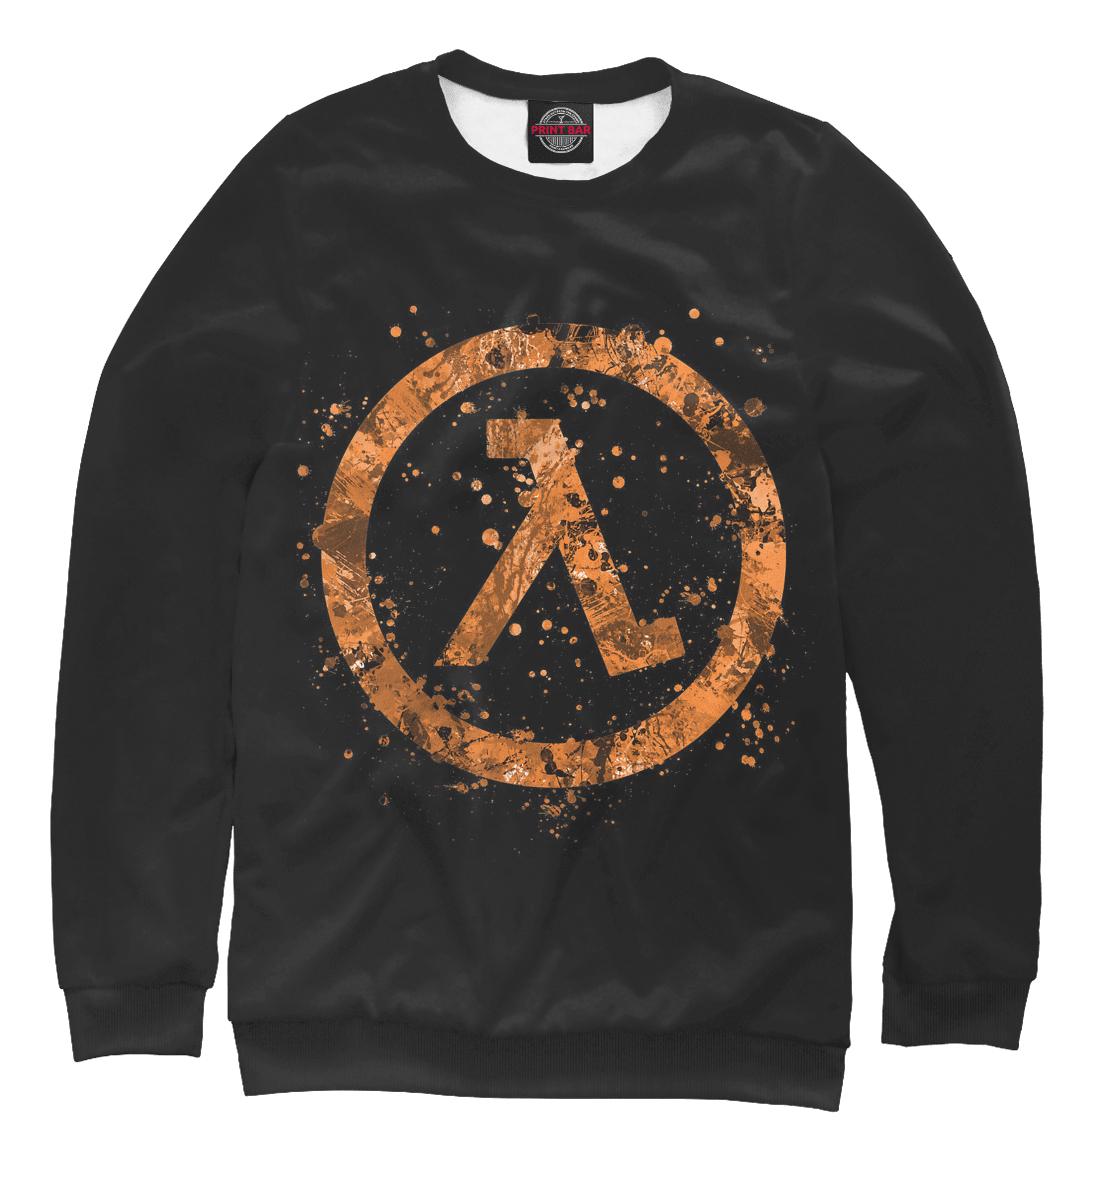 Купить Half-Life, Printbar, Свитшоты, HLF-466119-swi-1